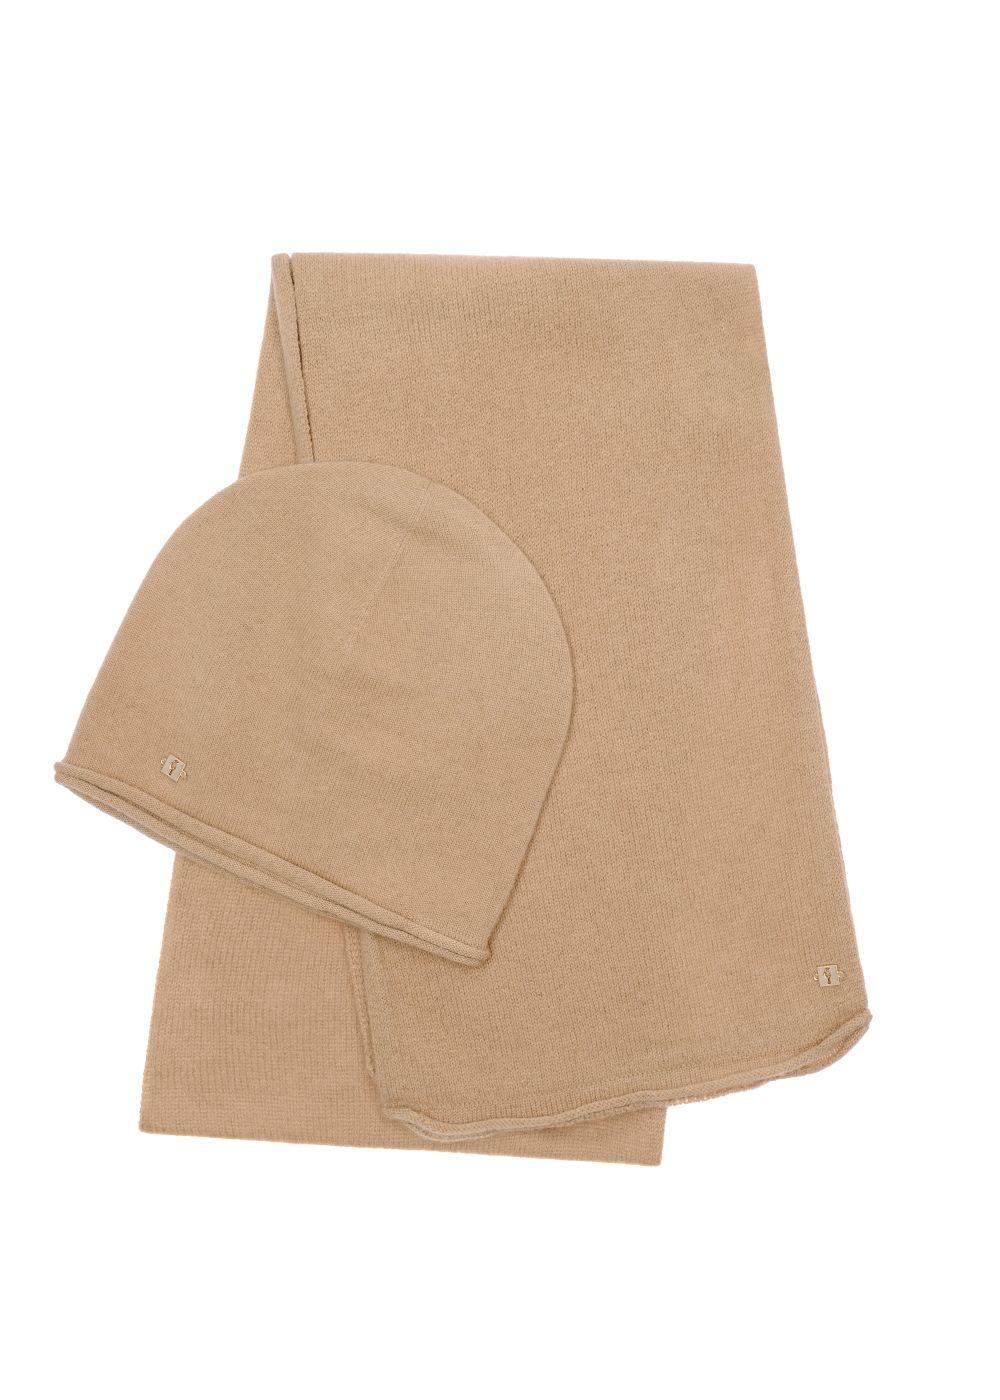 Zestaw czapka i szalik CZADT-0043-81+SZADT-0093-81(Z20)